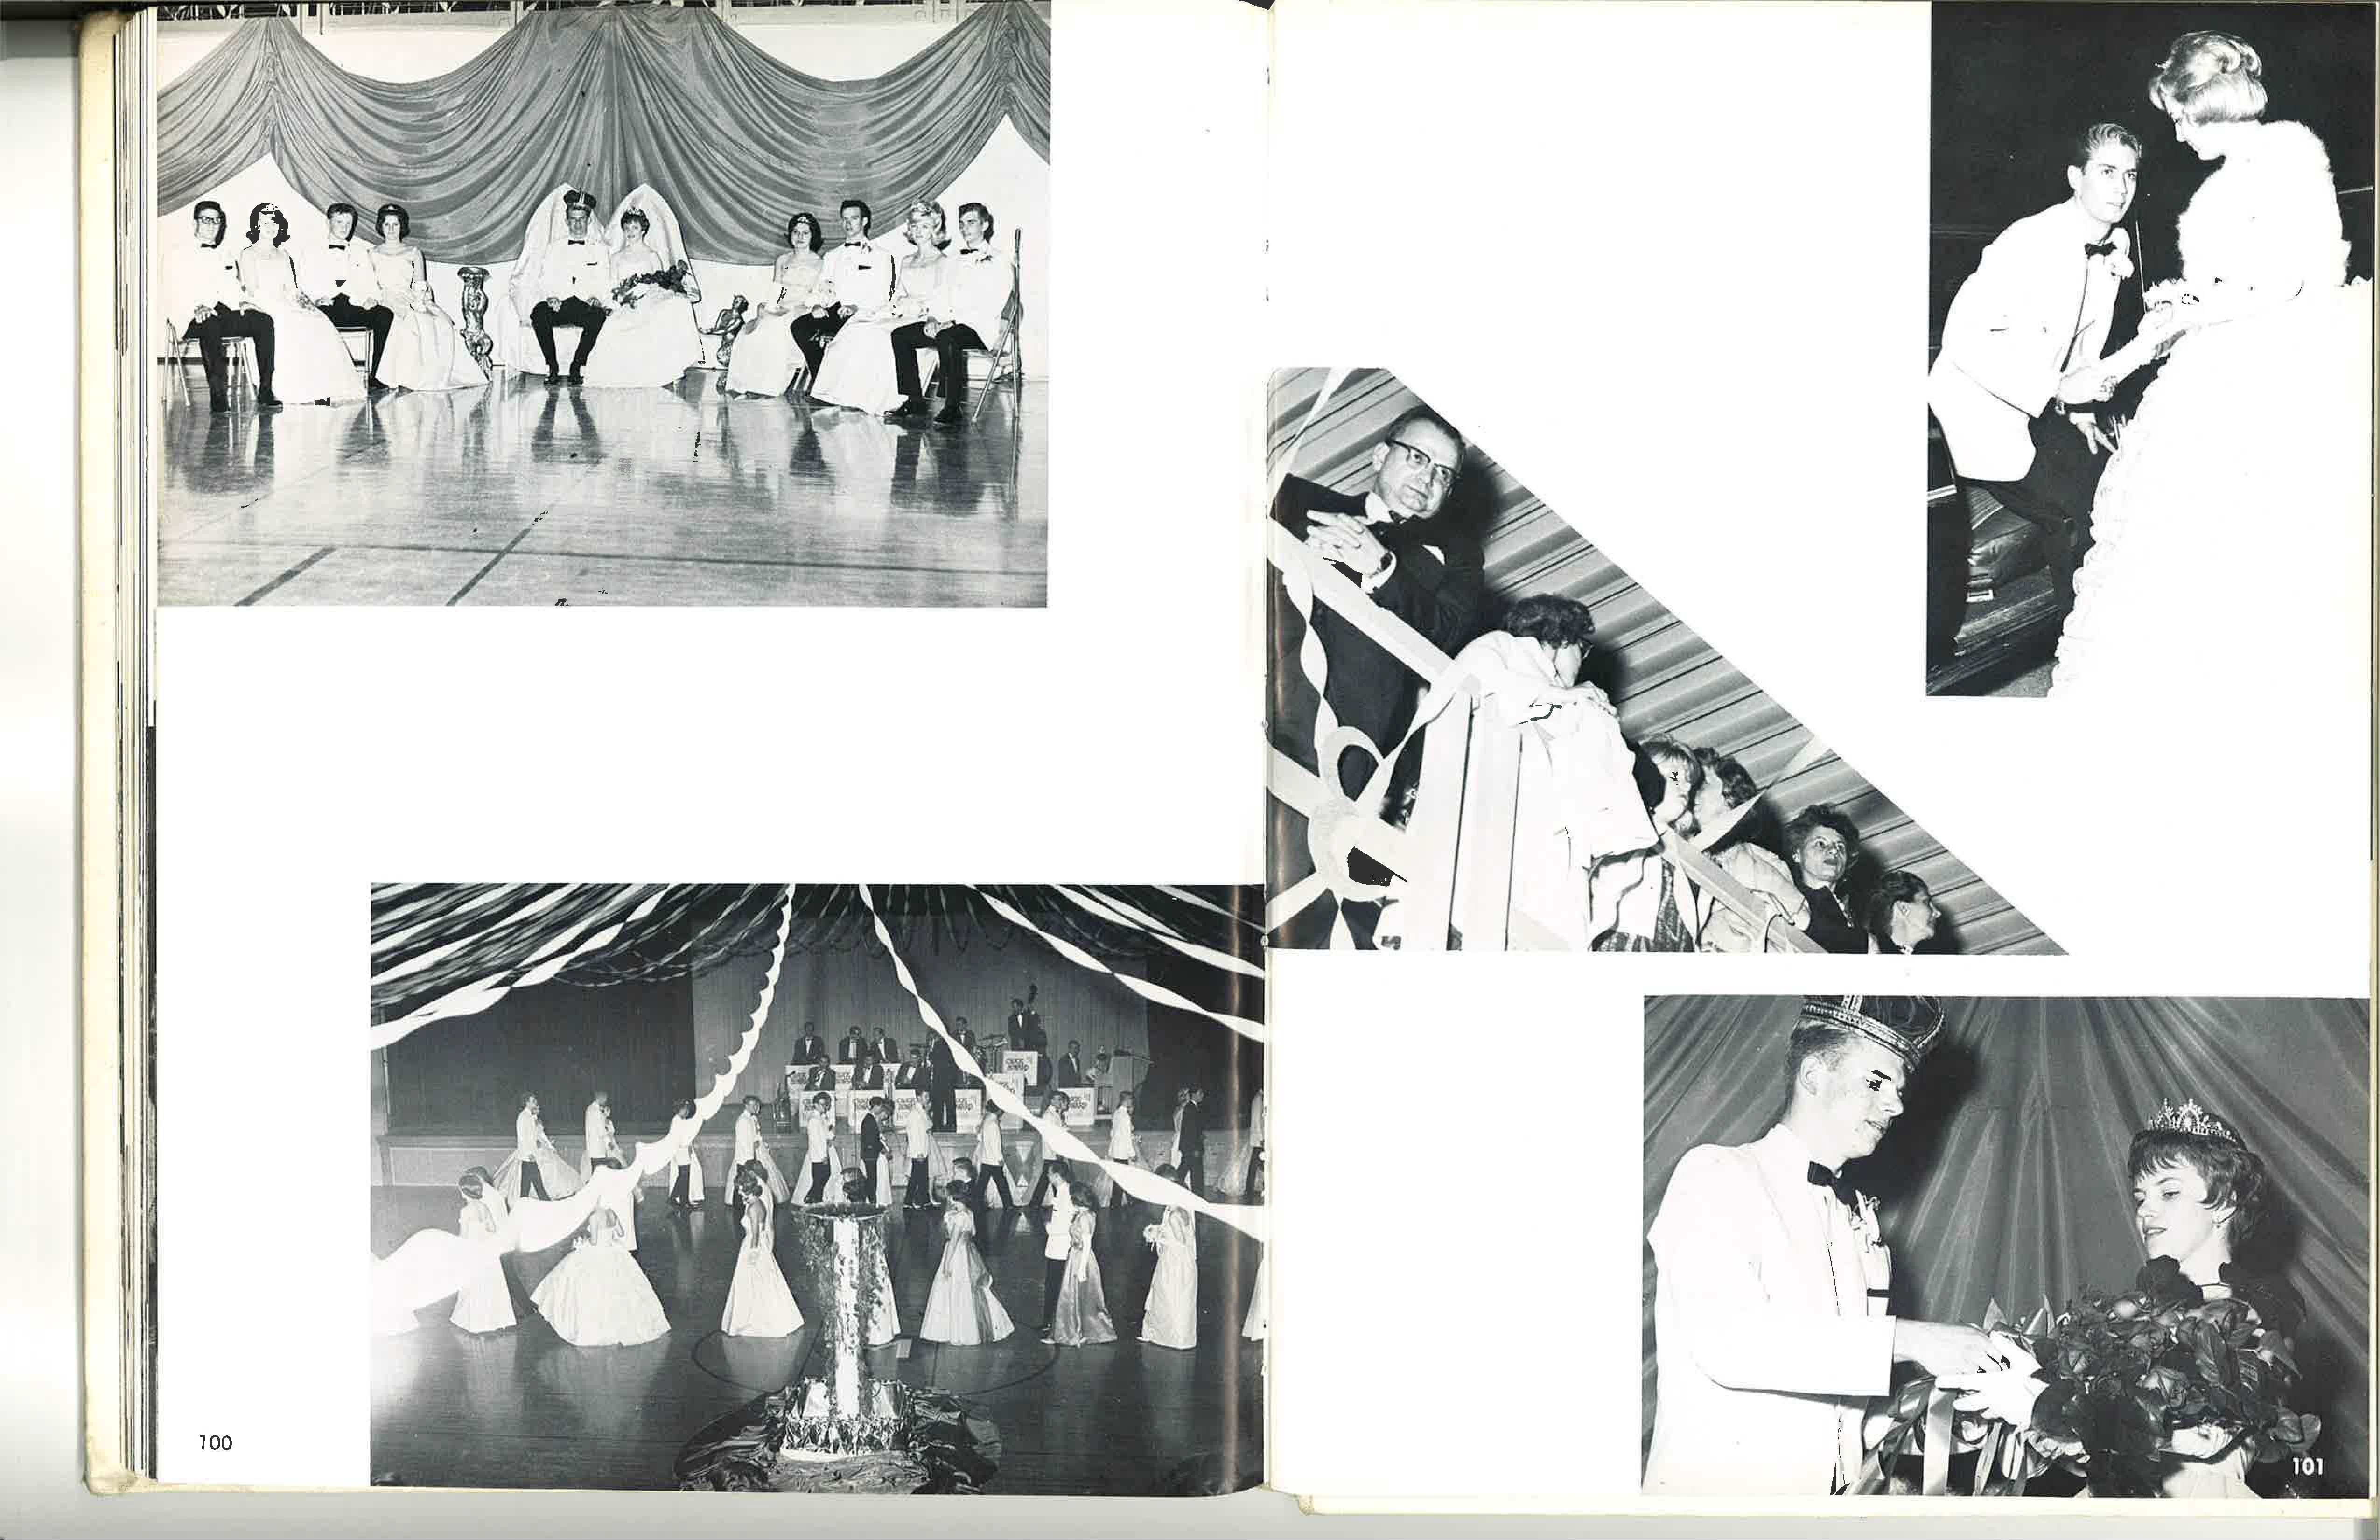 1964_Yearbook_Activities_100-101.jpg